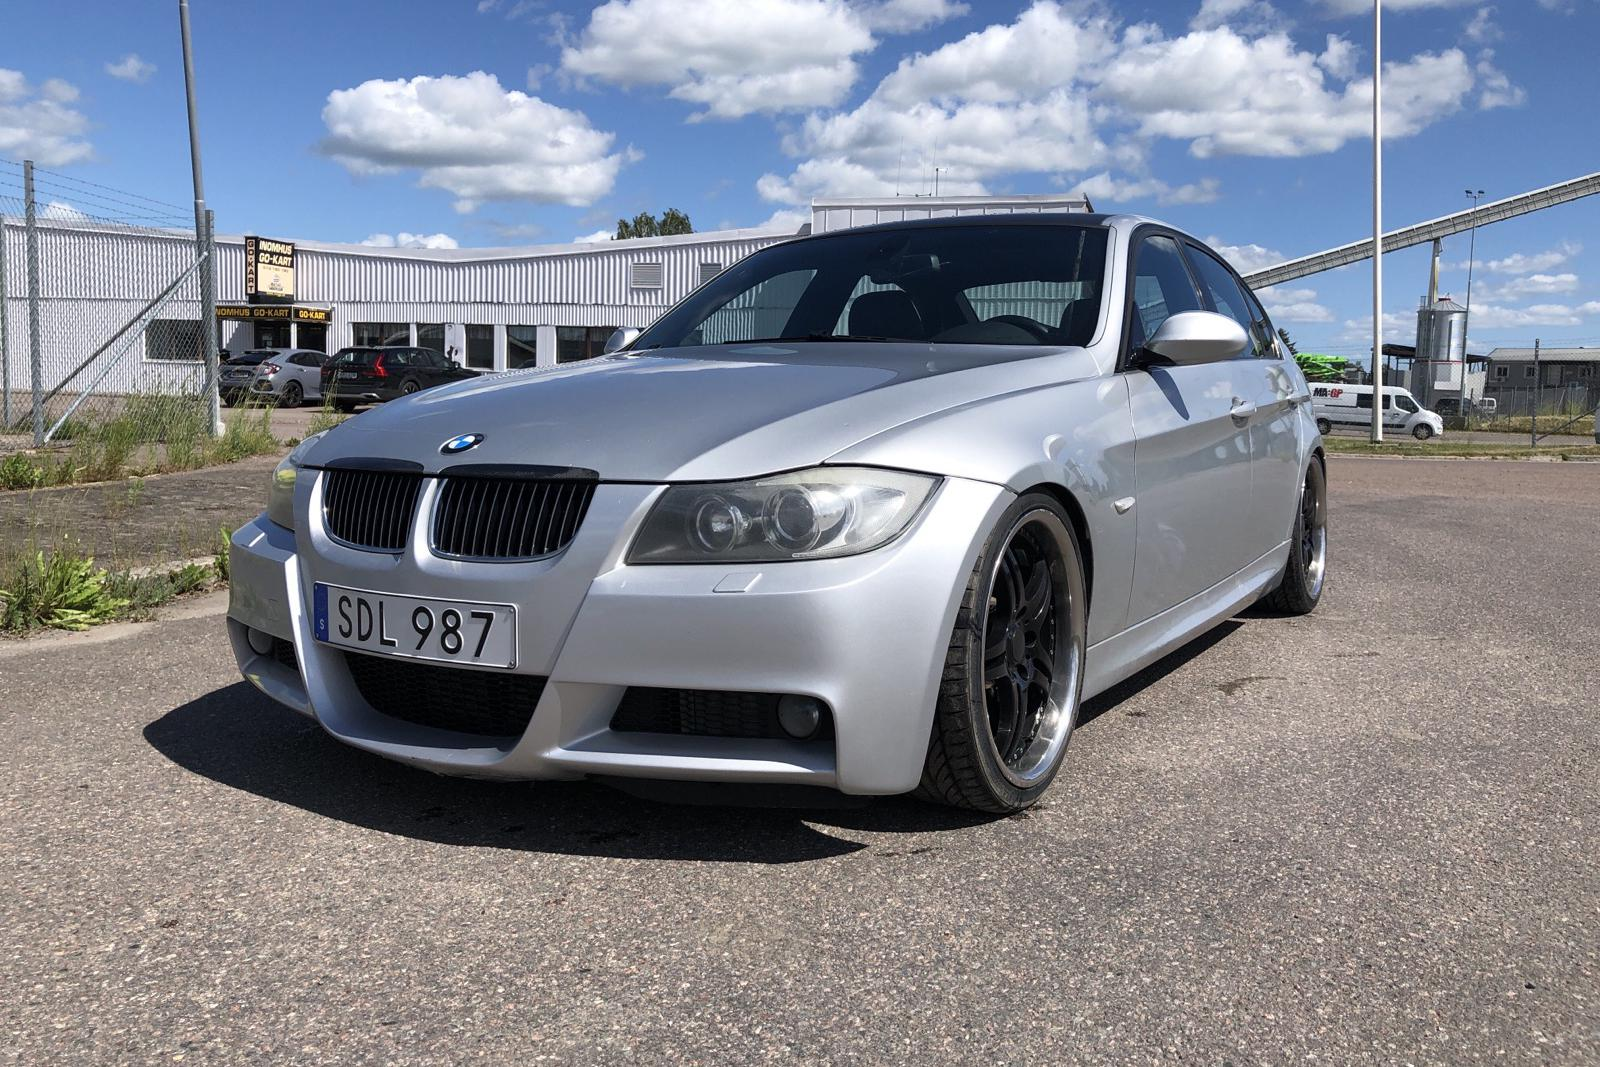 BMW 335i Sedan, E90 (306hk)